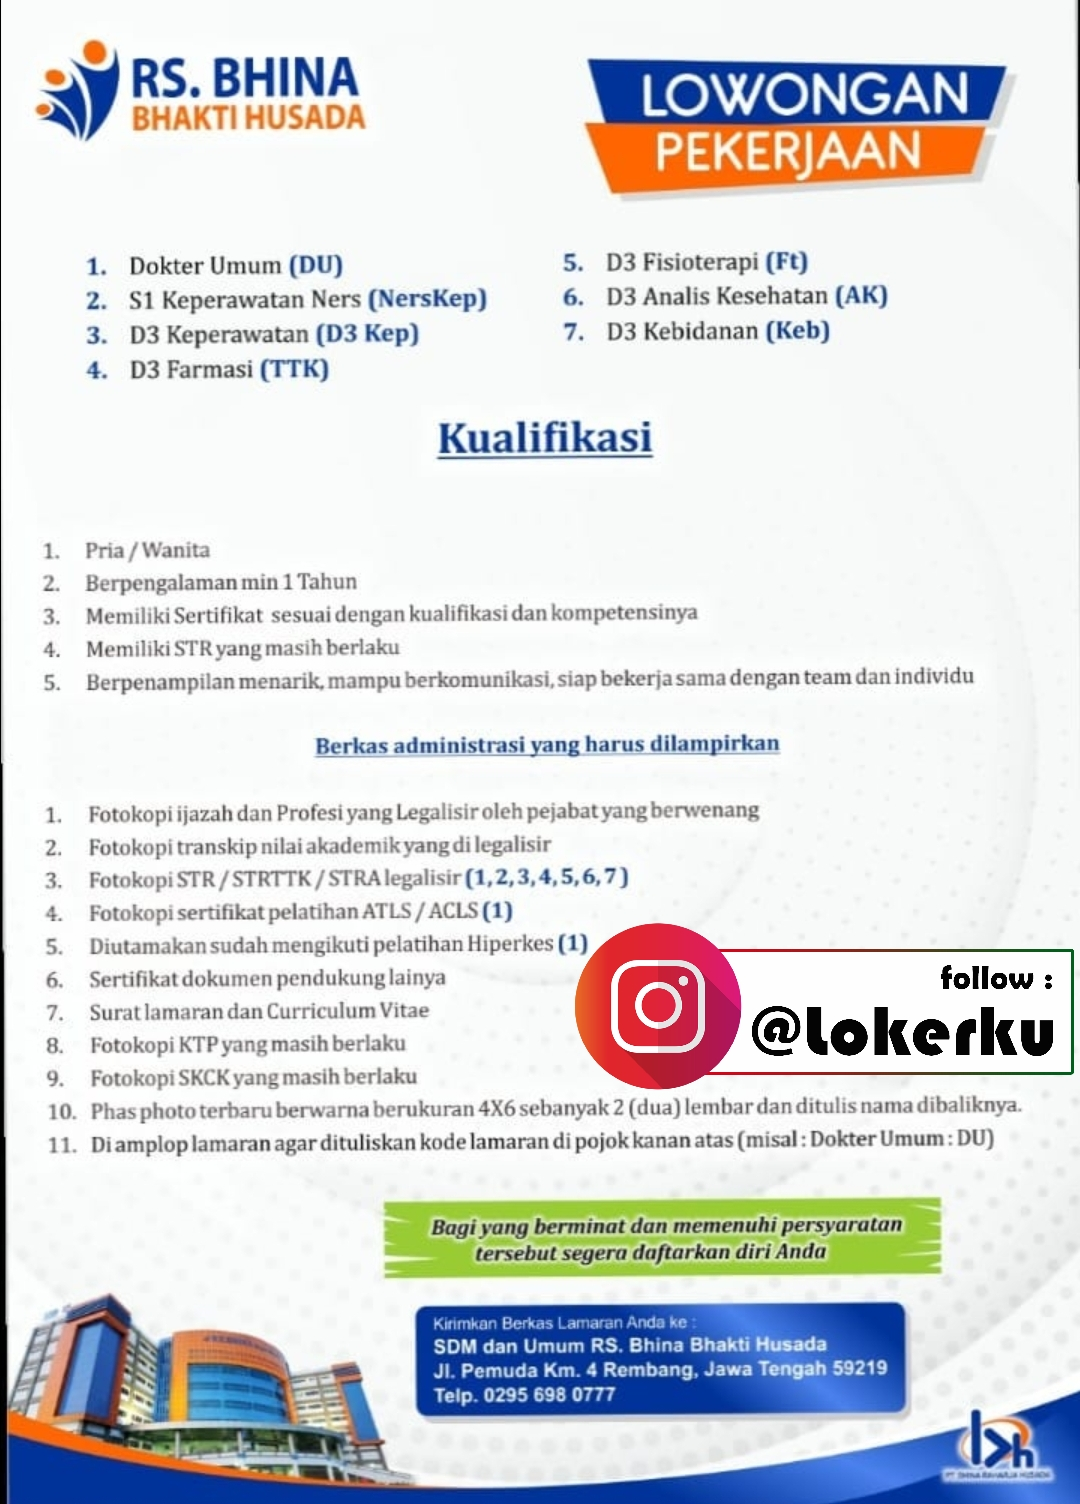 Lowongan Kerja Rembang Sebagai Dokter Umum, Keperawatan, Farmasi, Fisioterapi, Analis Kesehatan, Kebidanan di Rumah Sakit Bhina Bhakti Husada Rembang